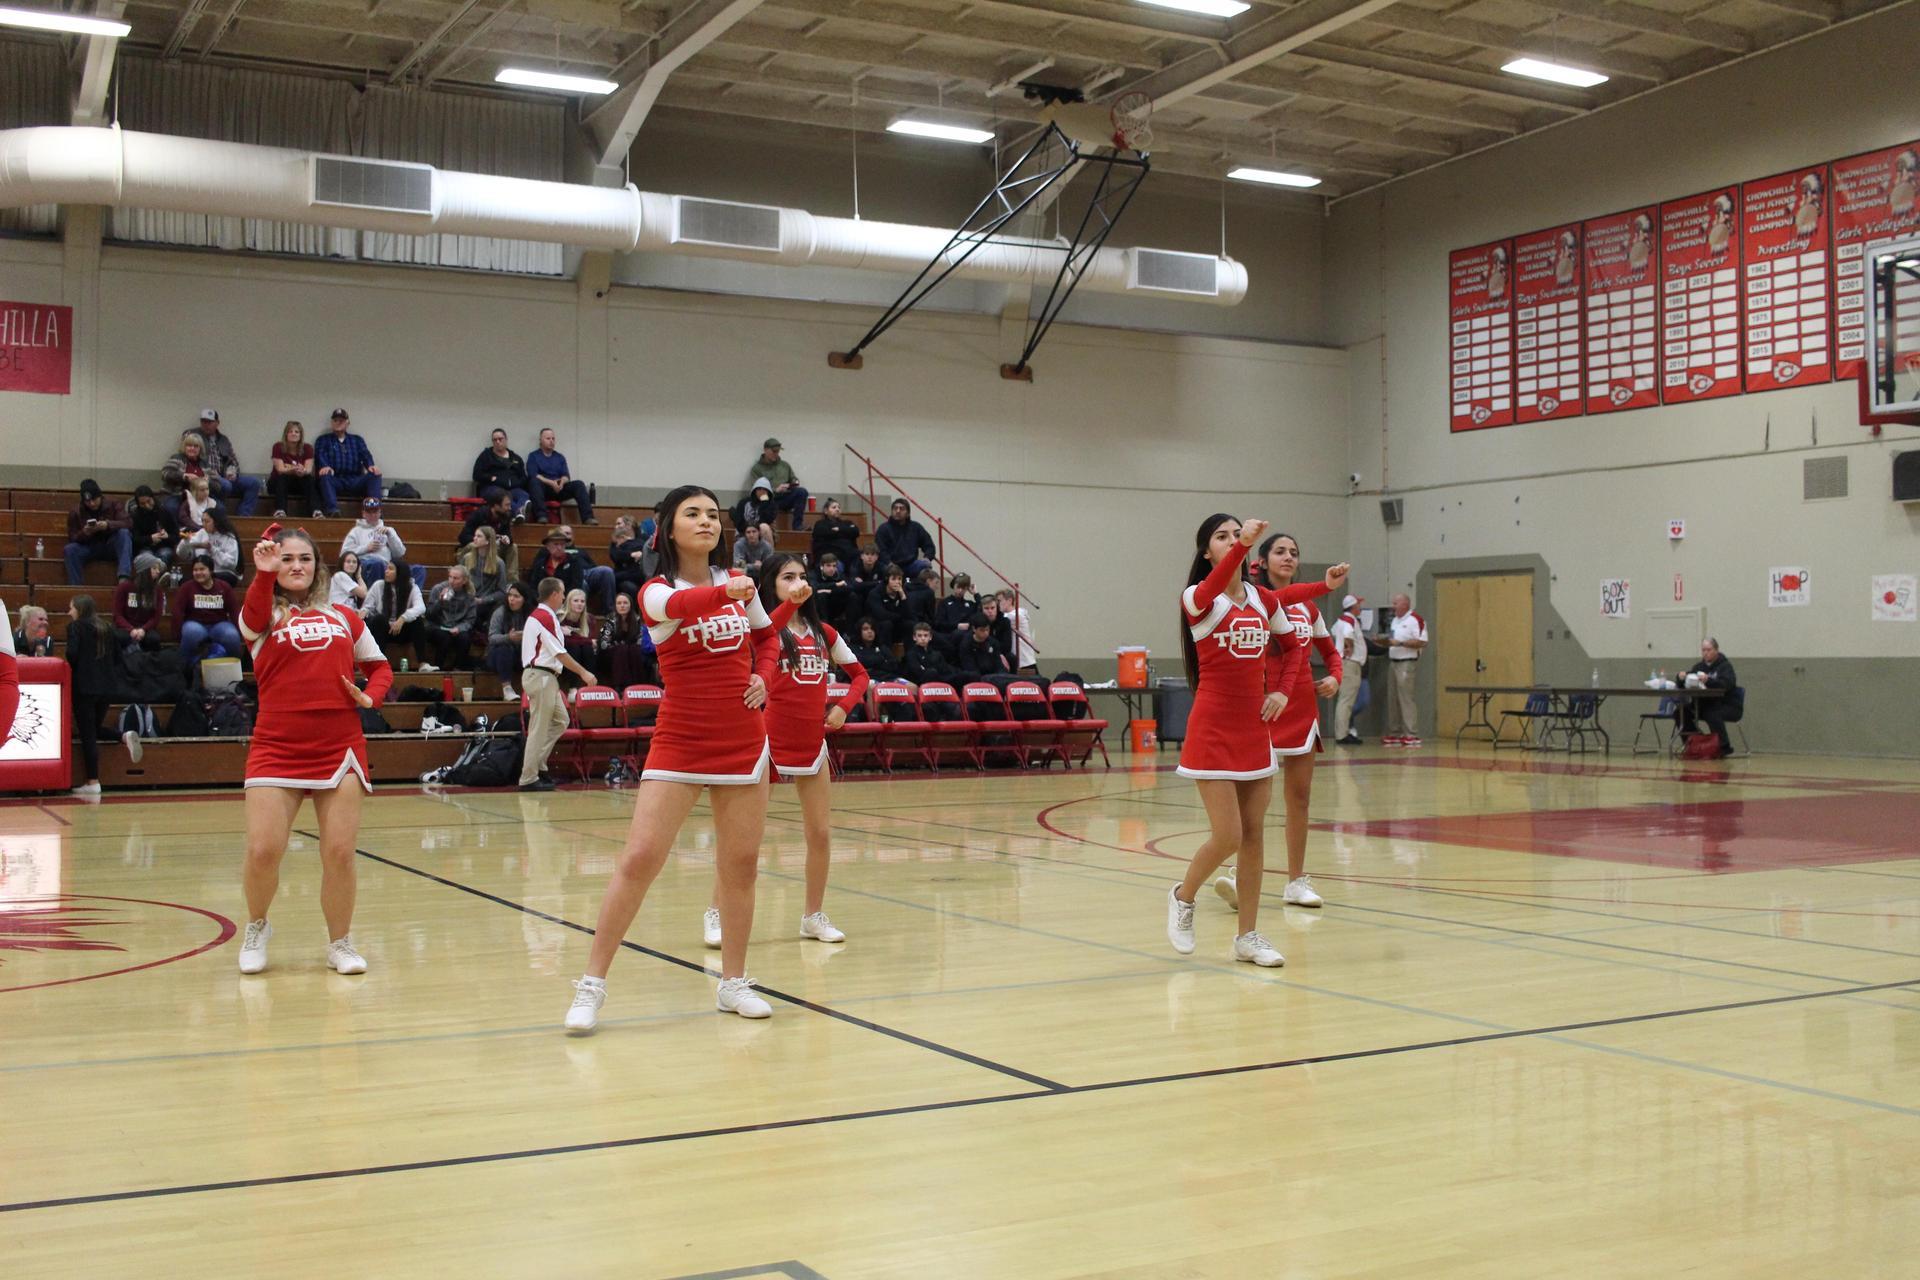 cheerleaders preforming